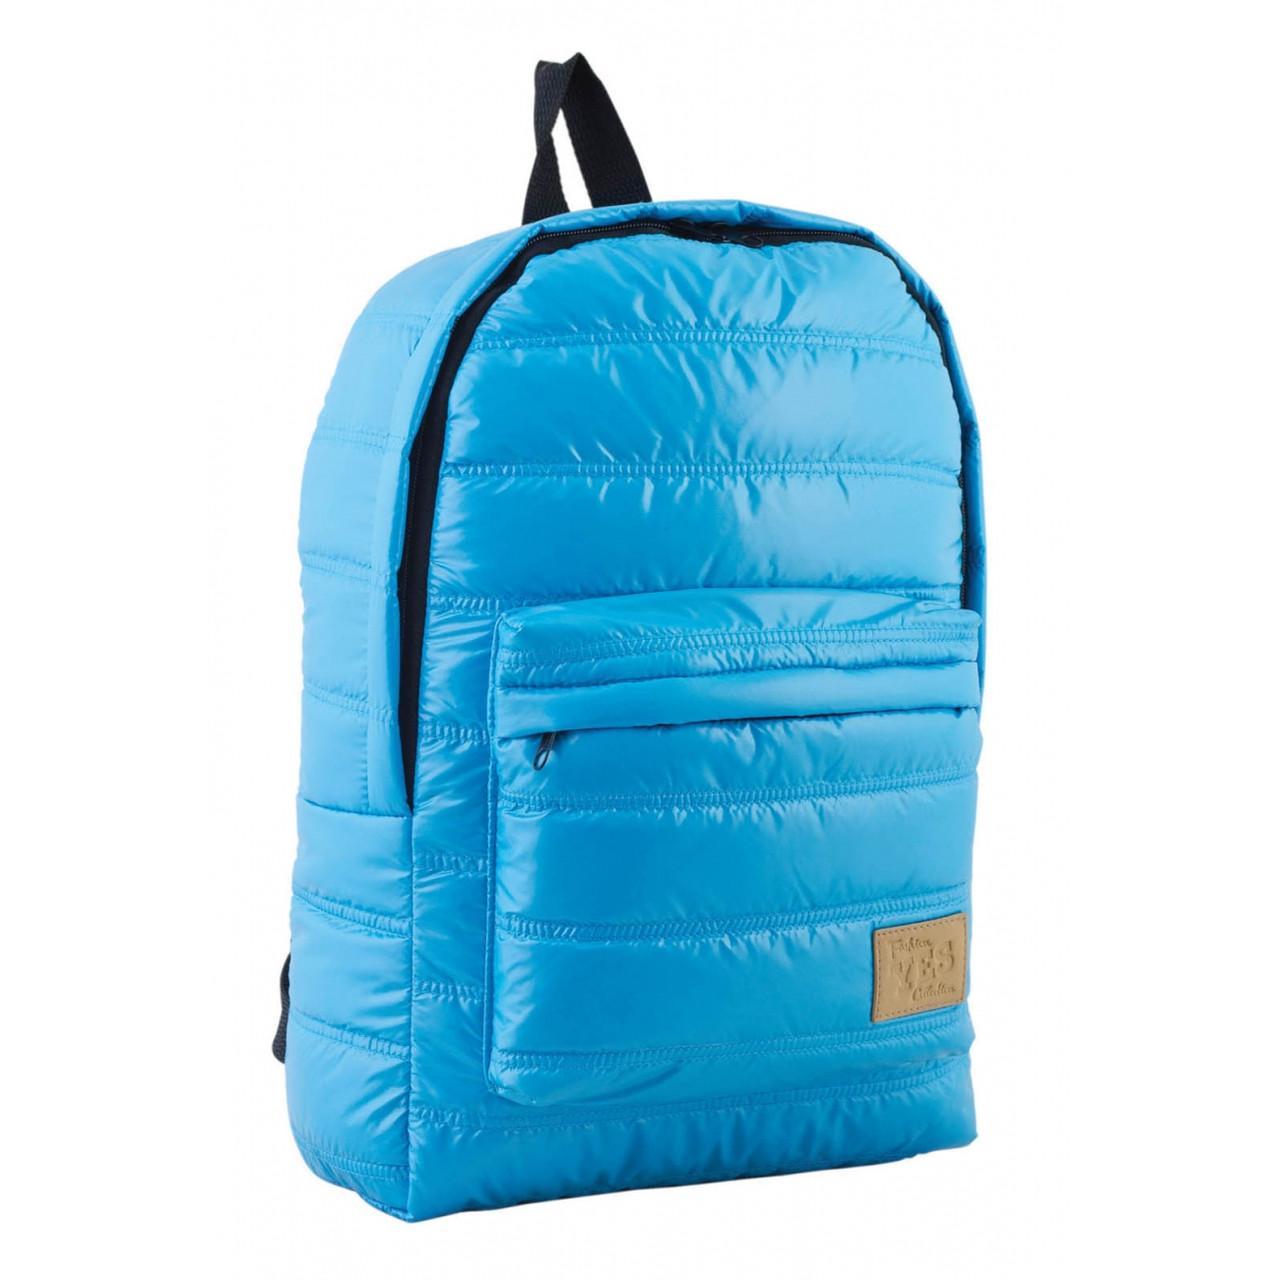 Рюкзак подростковый YES  ST-15 голубой, 39*27.5*9